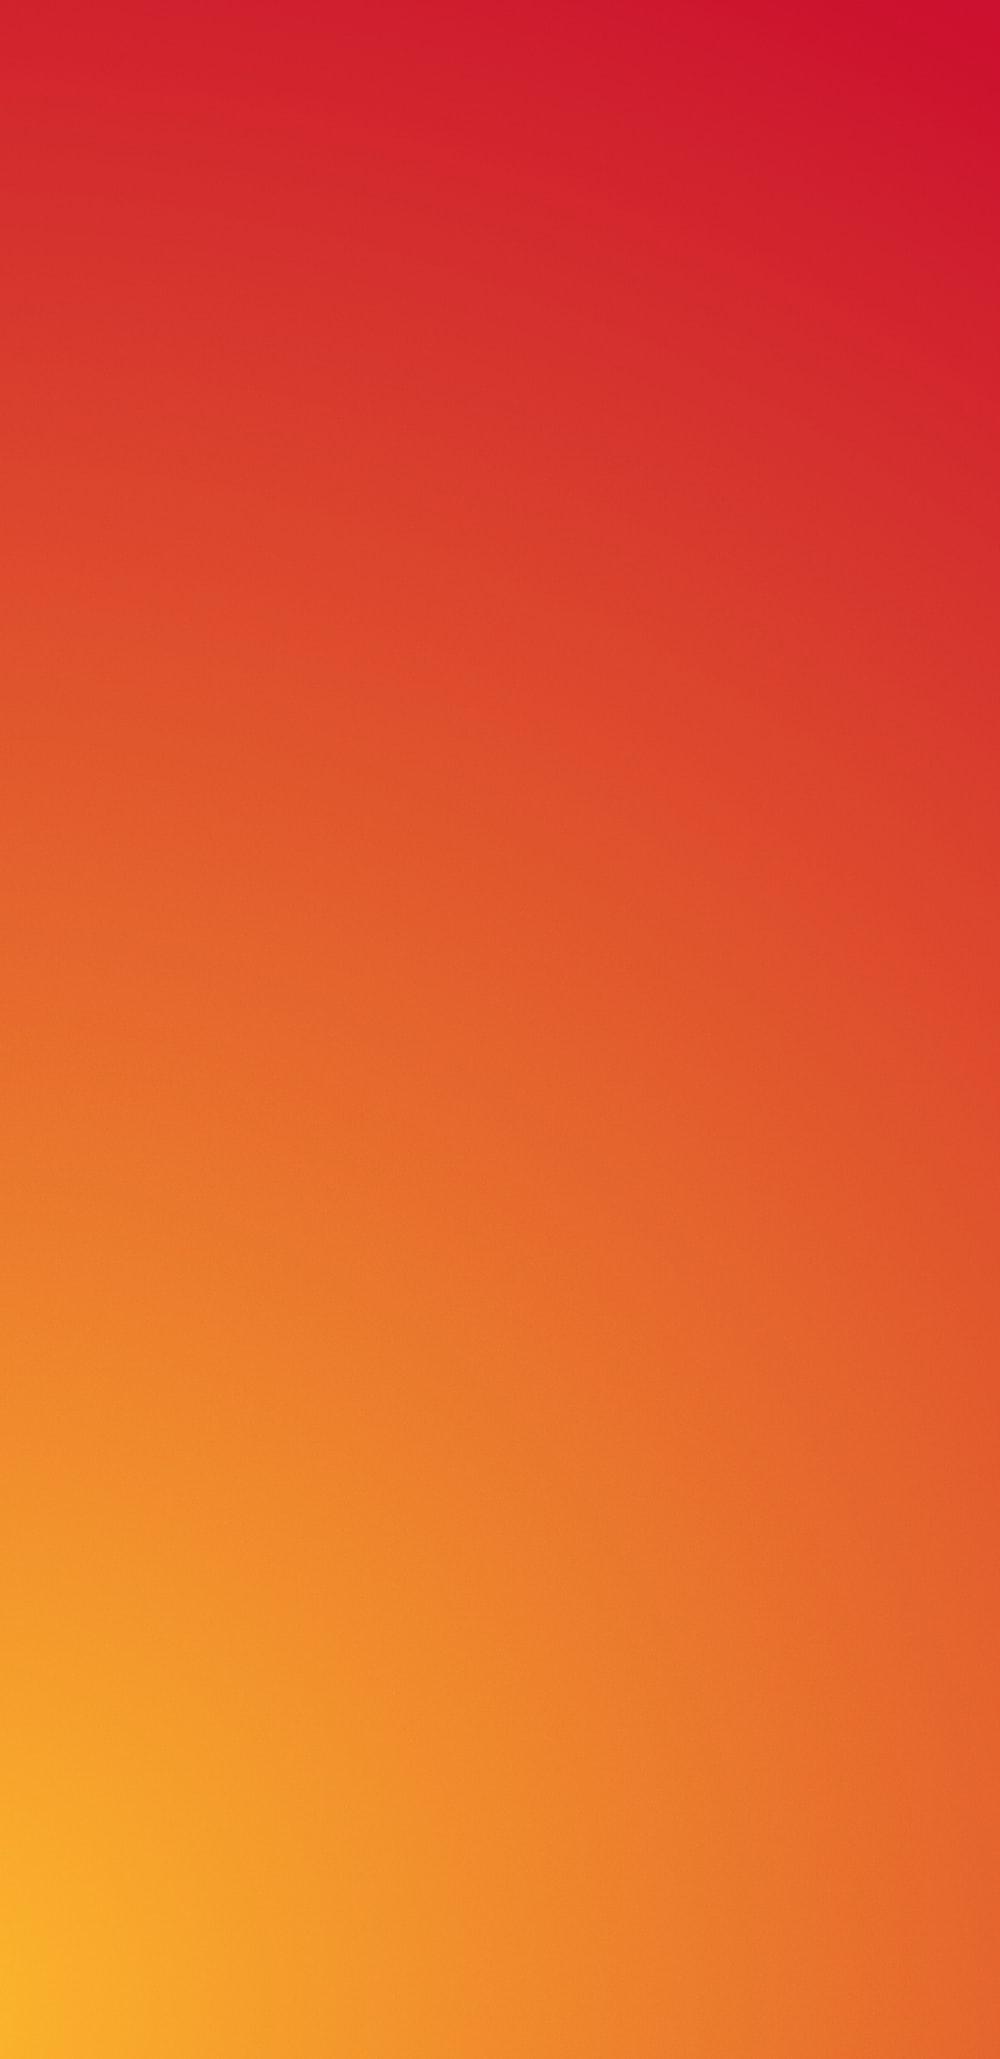 Dark orange to blood red gradient